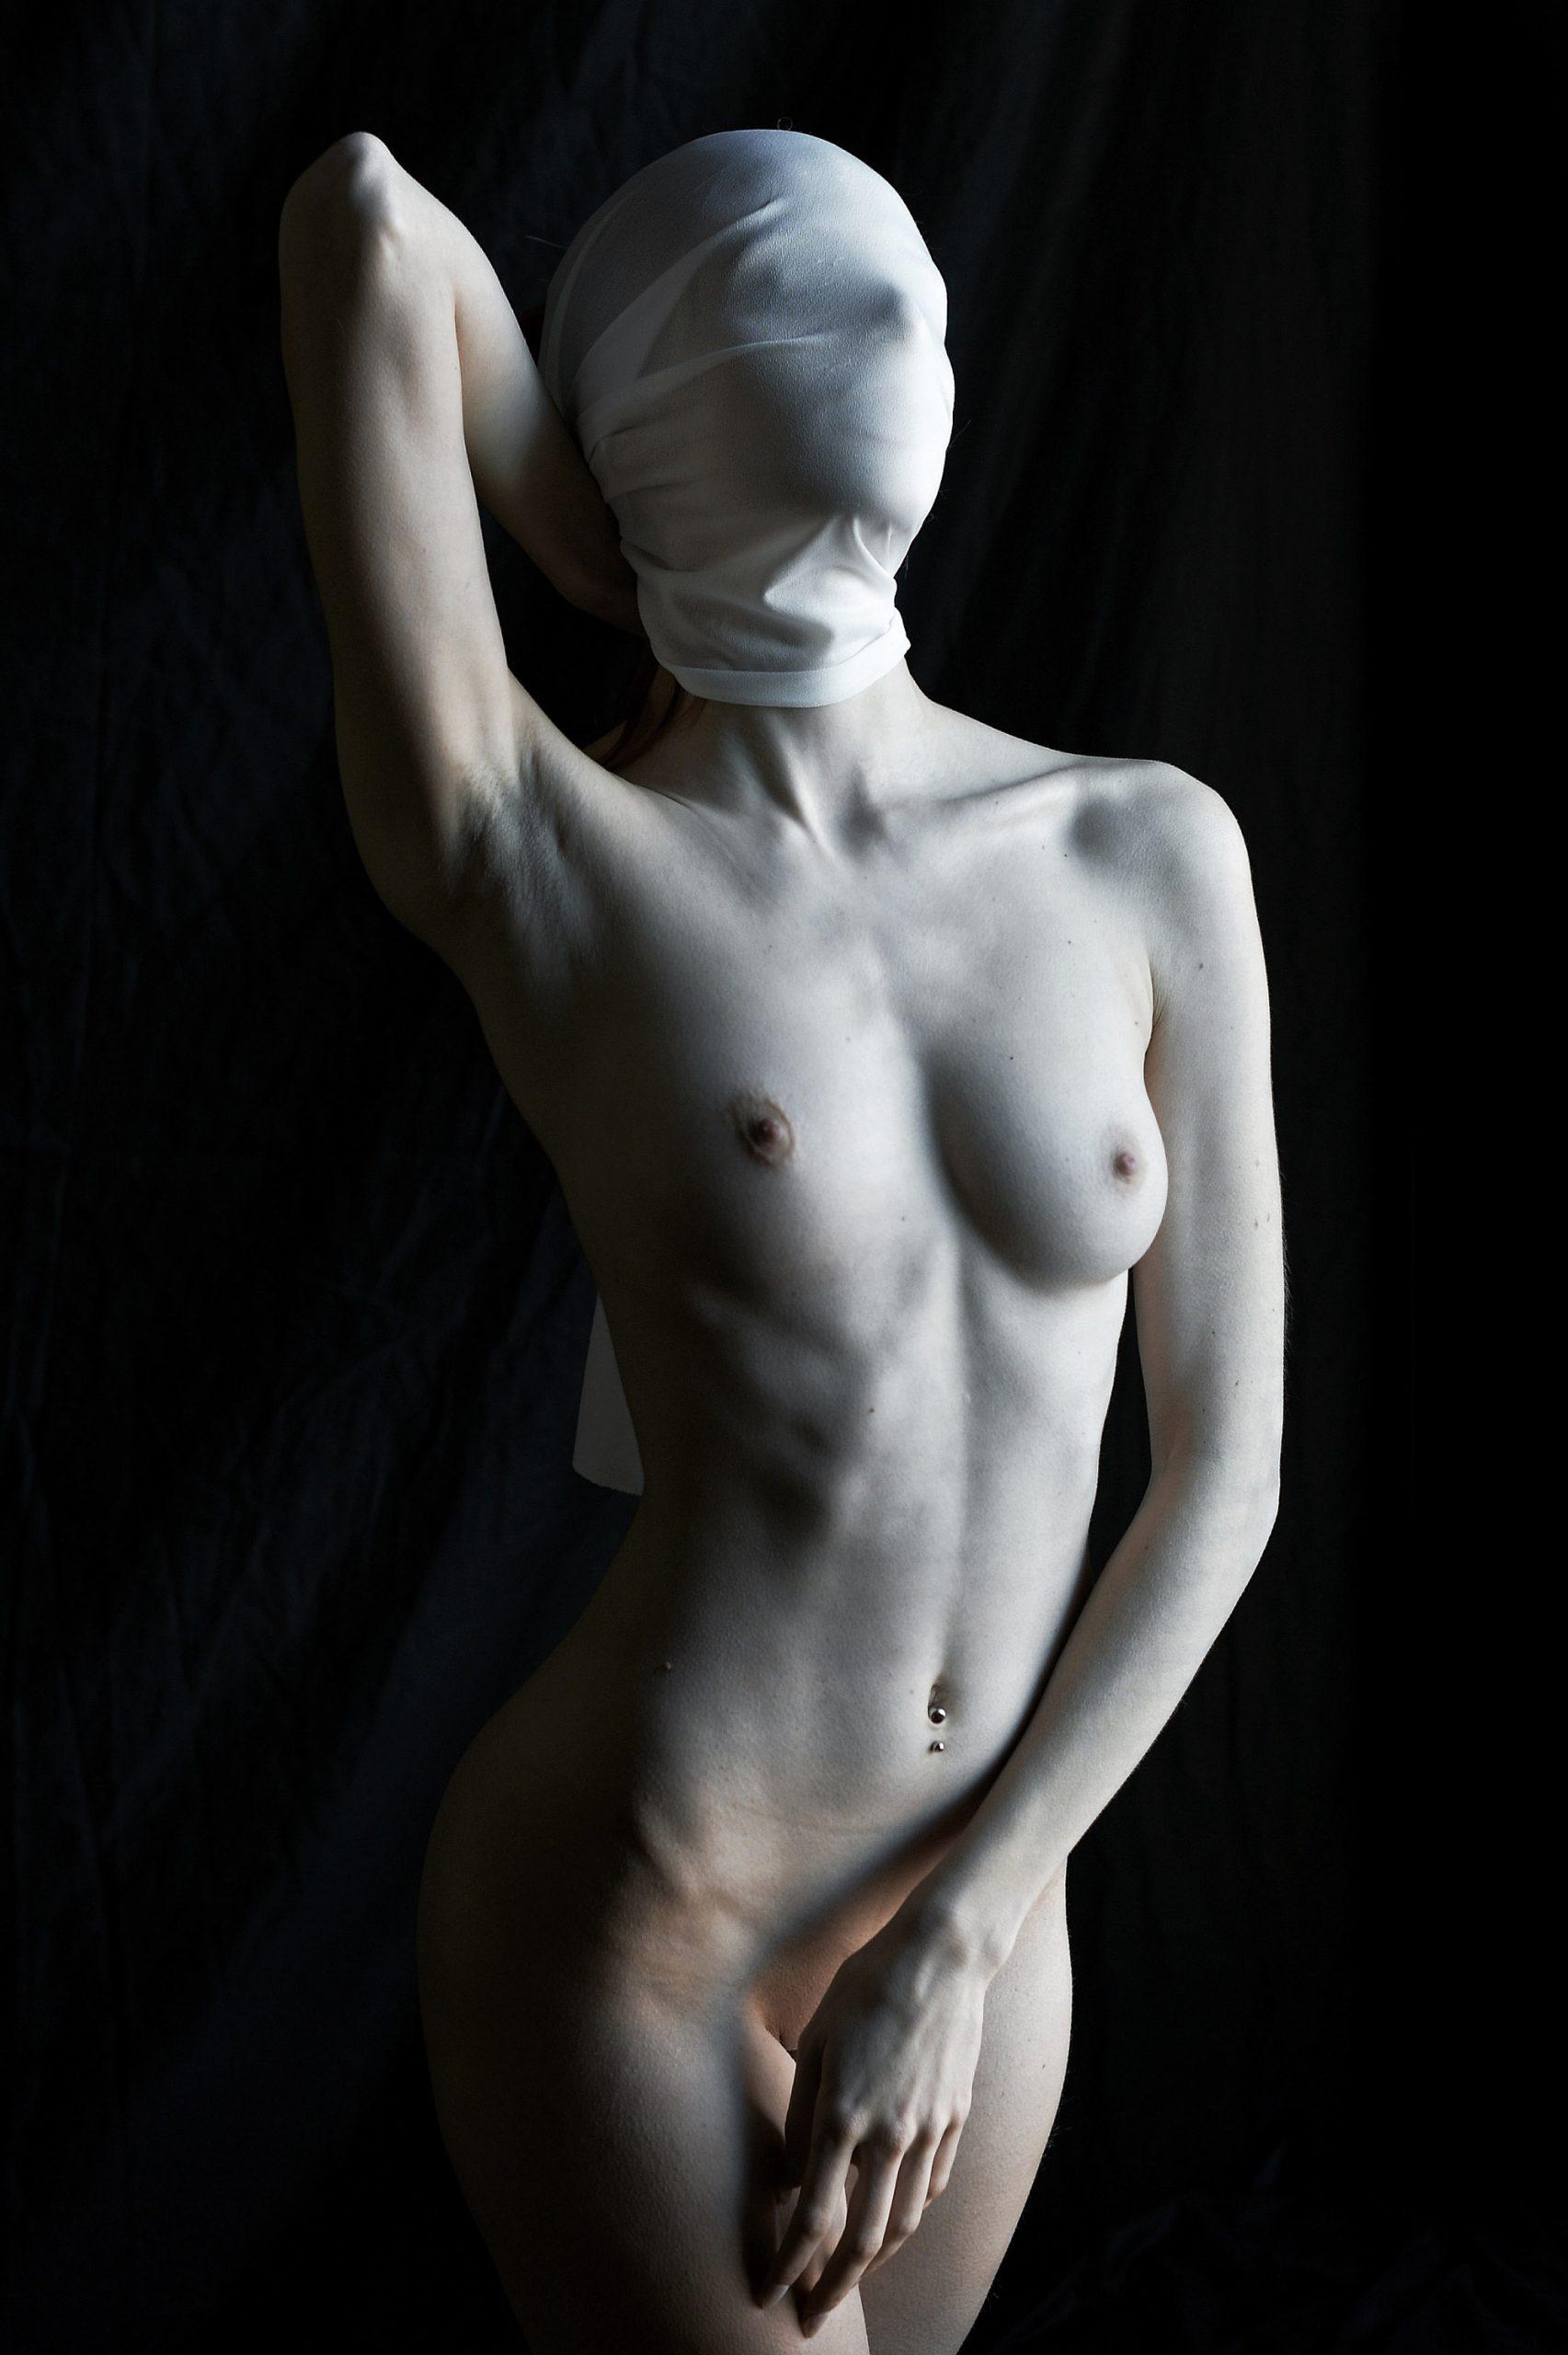 Categorie: Boudoir & Nude, Fine Art, Glamour, Portrait; Photographer: GIUSEPPE MAZZAROLO; Location: Venezia (VE)